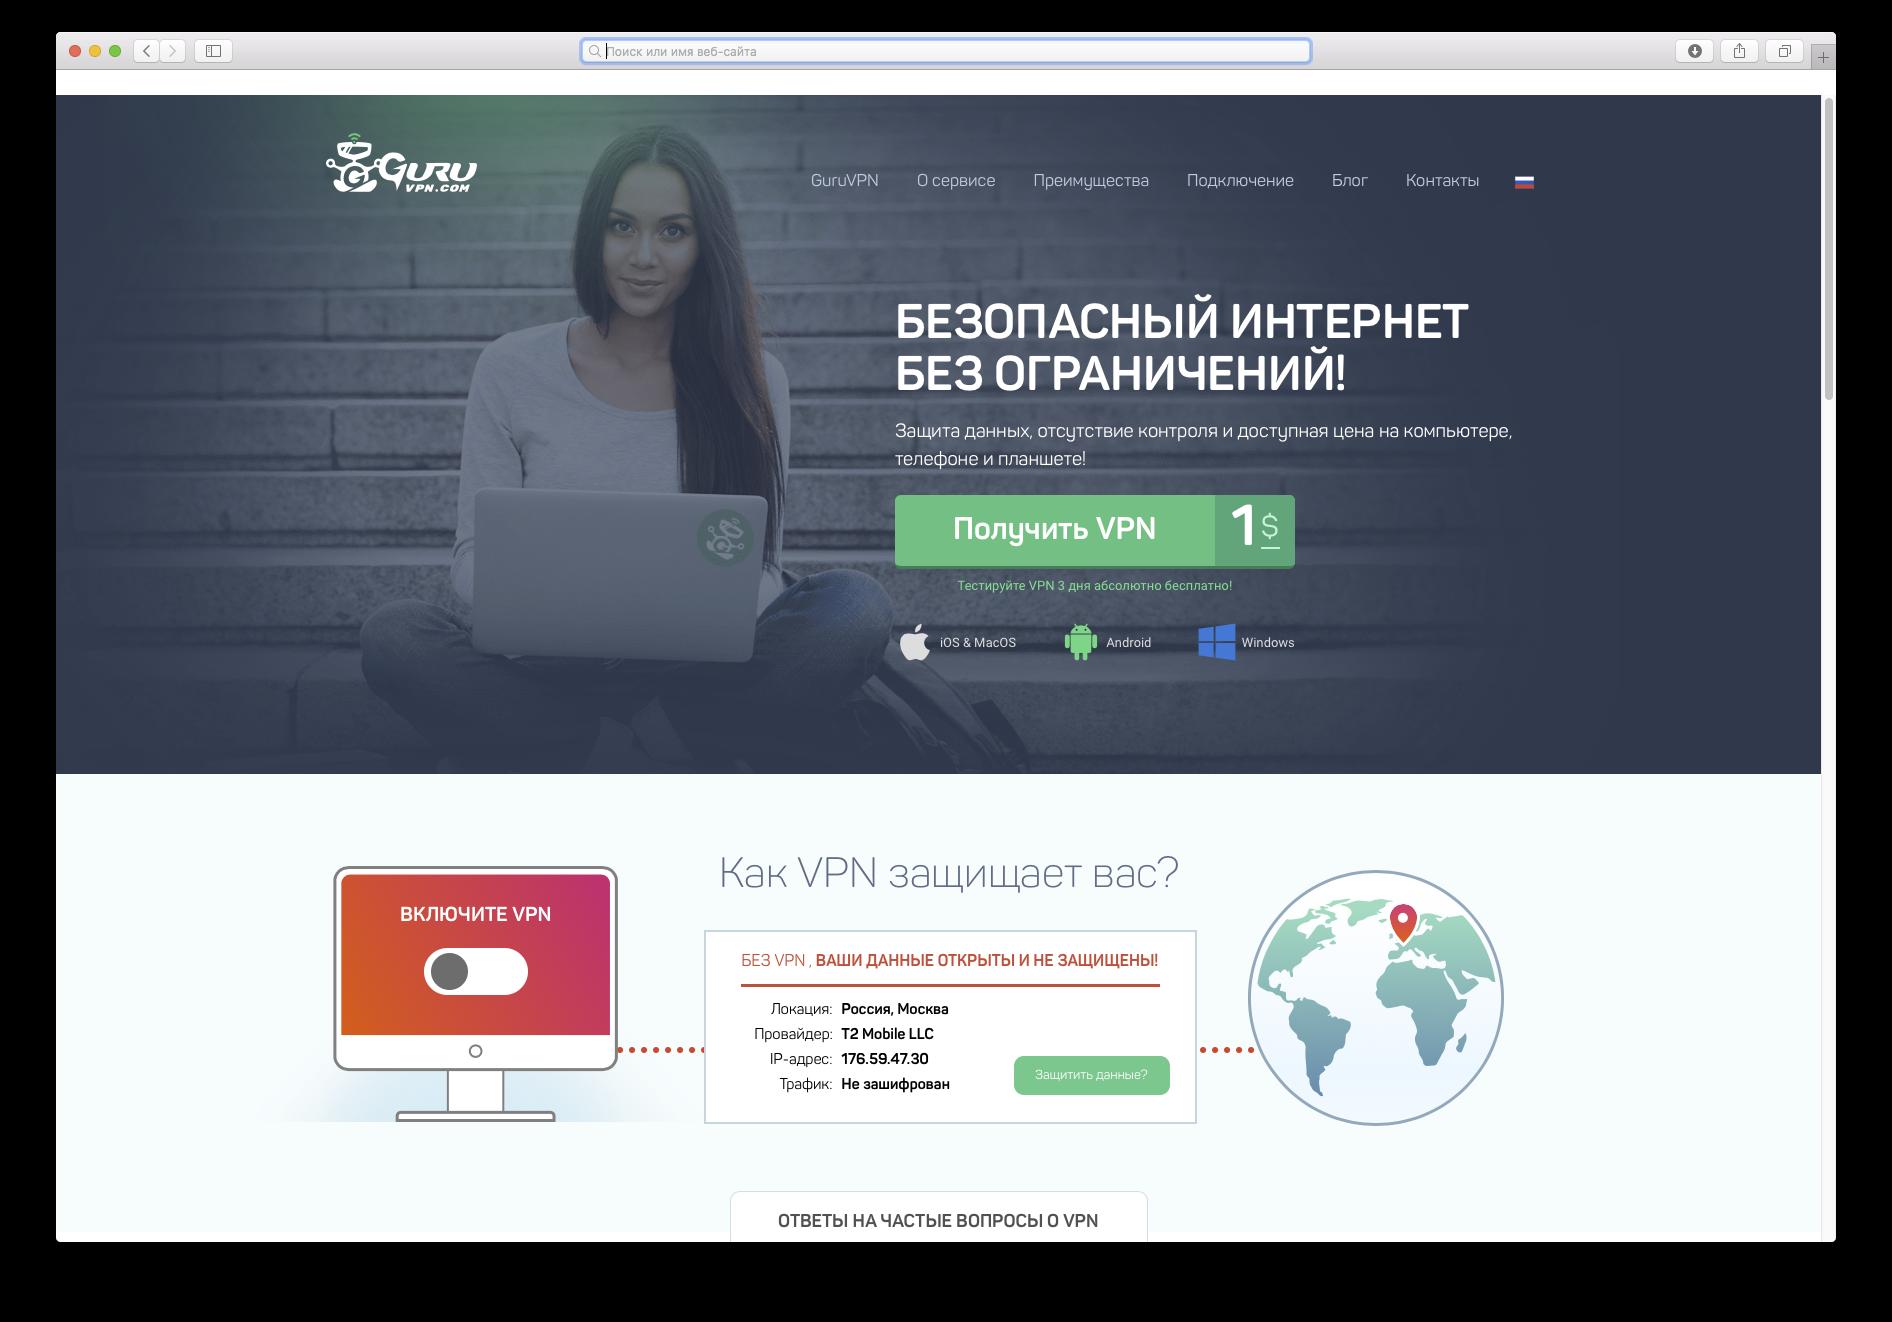 Как настроить безлимитный VPN за 1 доллар